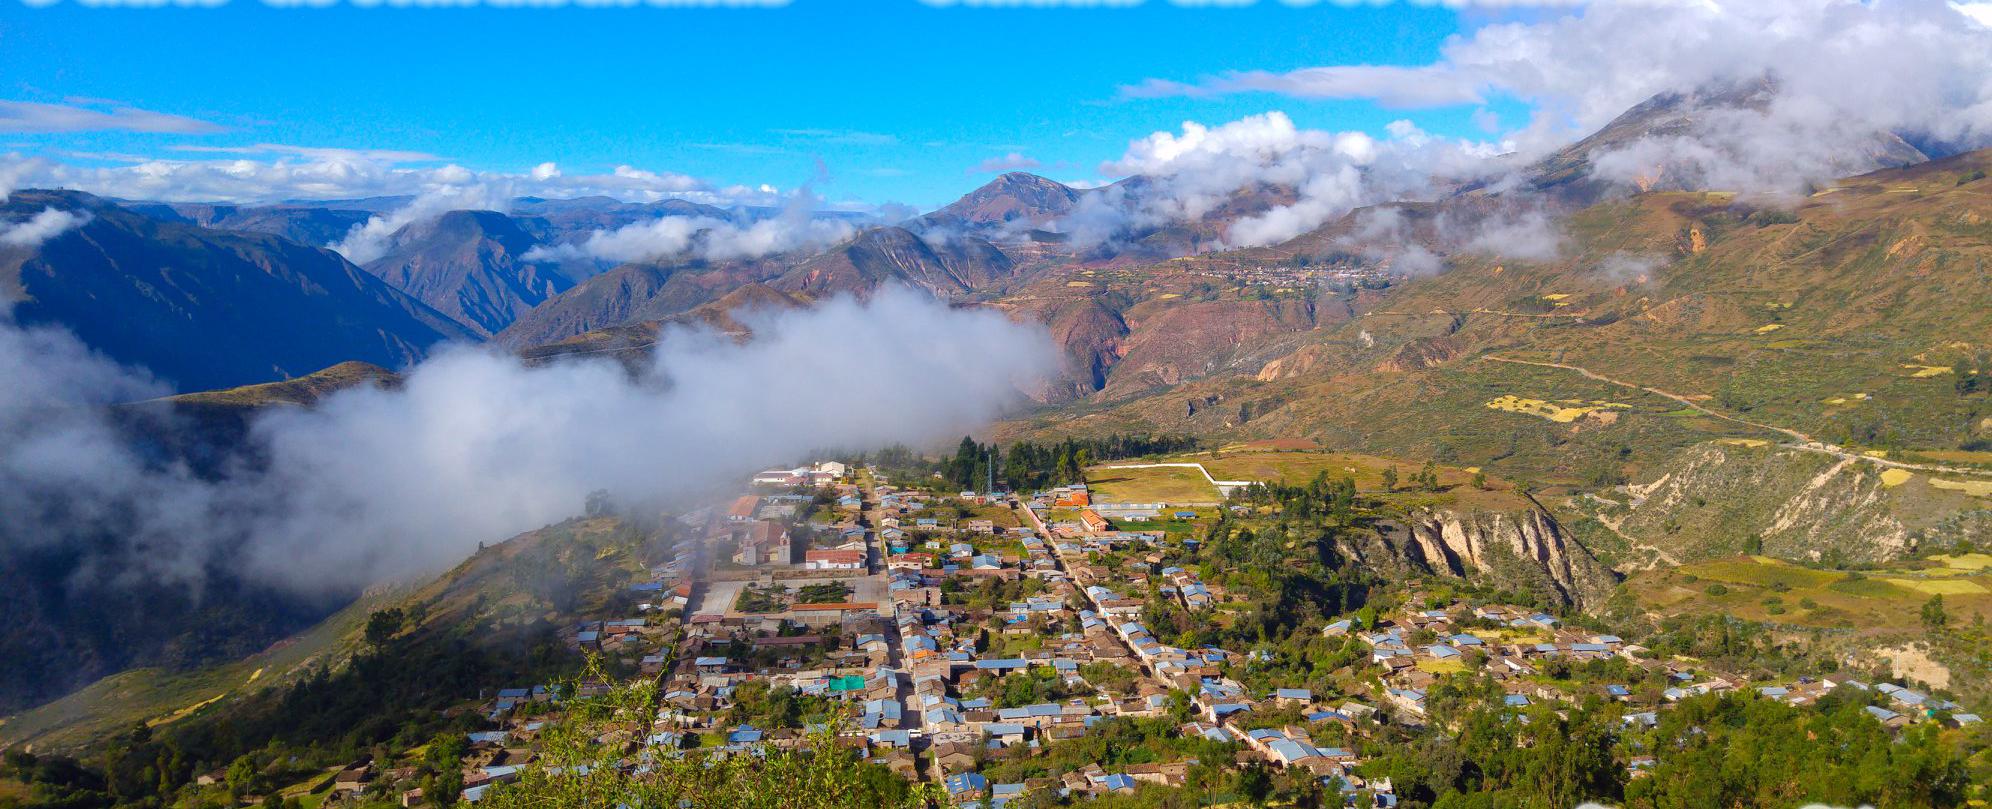 Vista Panorámica de Canaria Fajardo Ayacucho